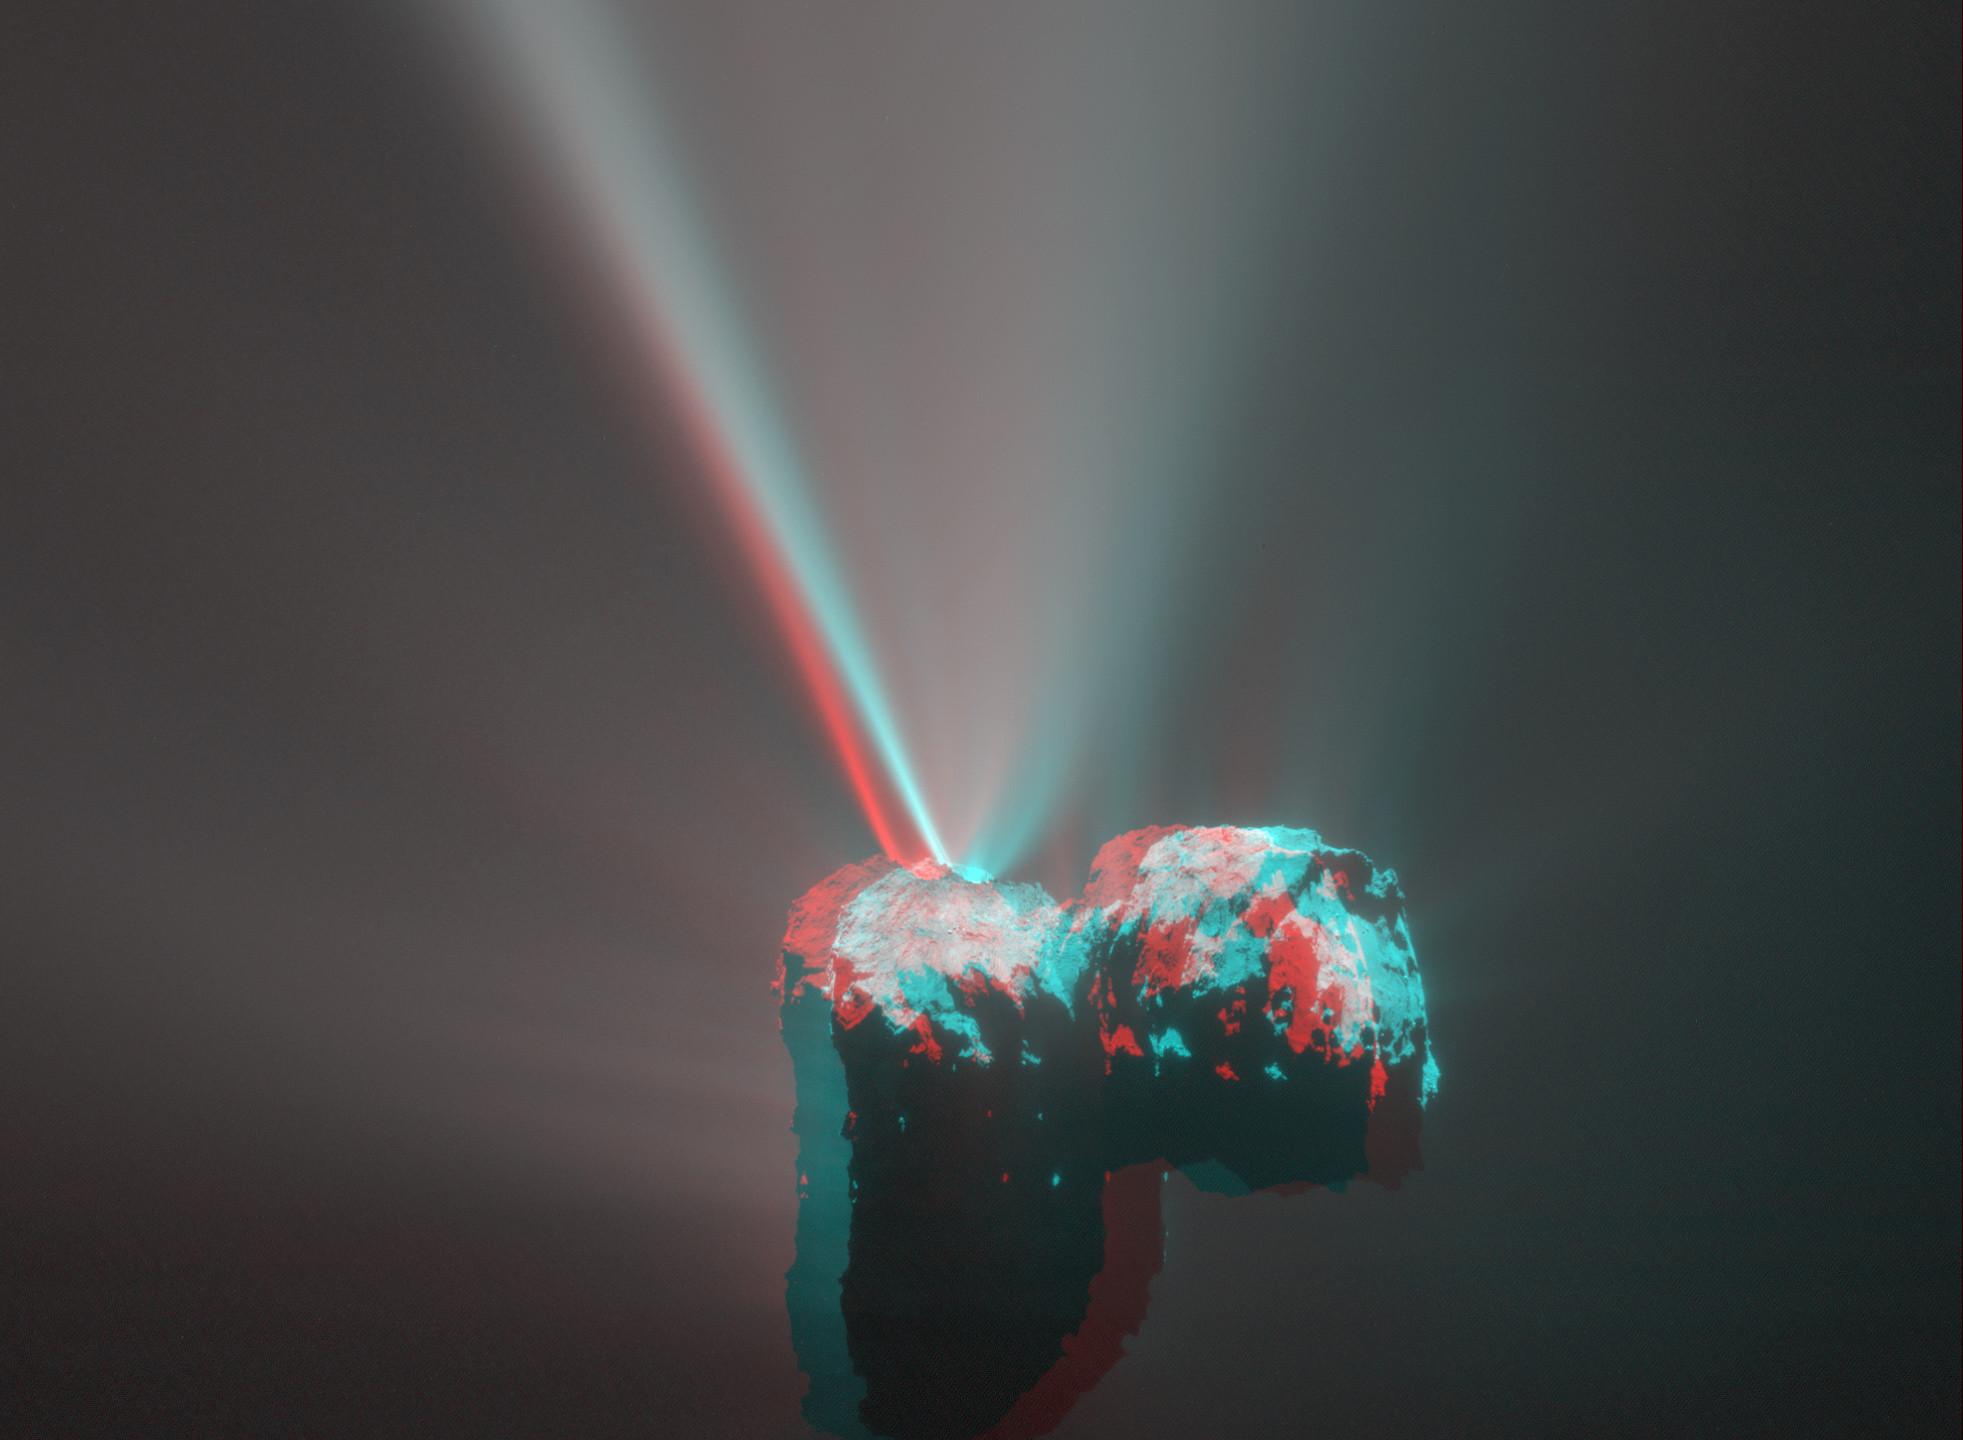 3-D image of Comet